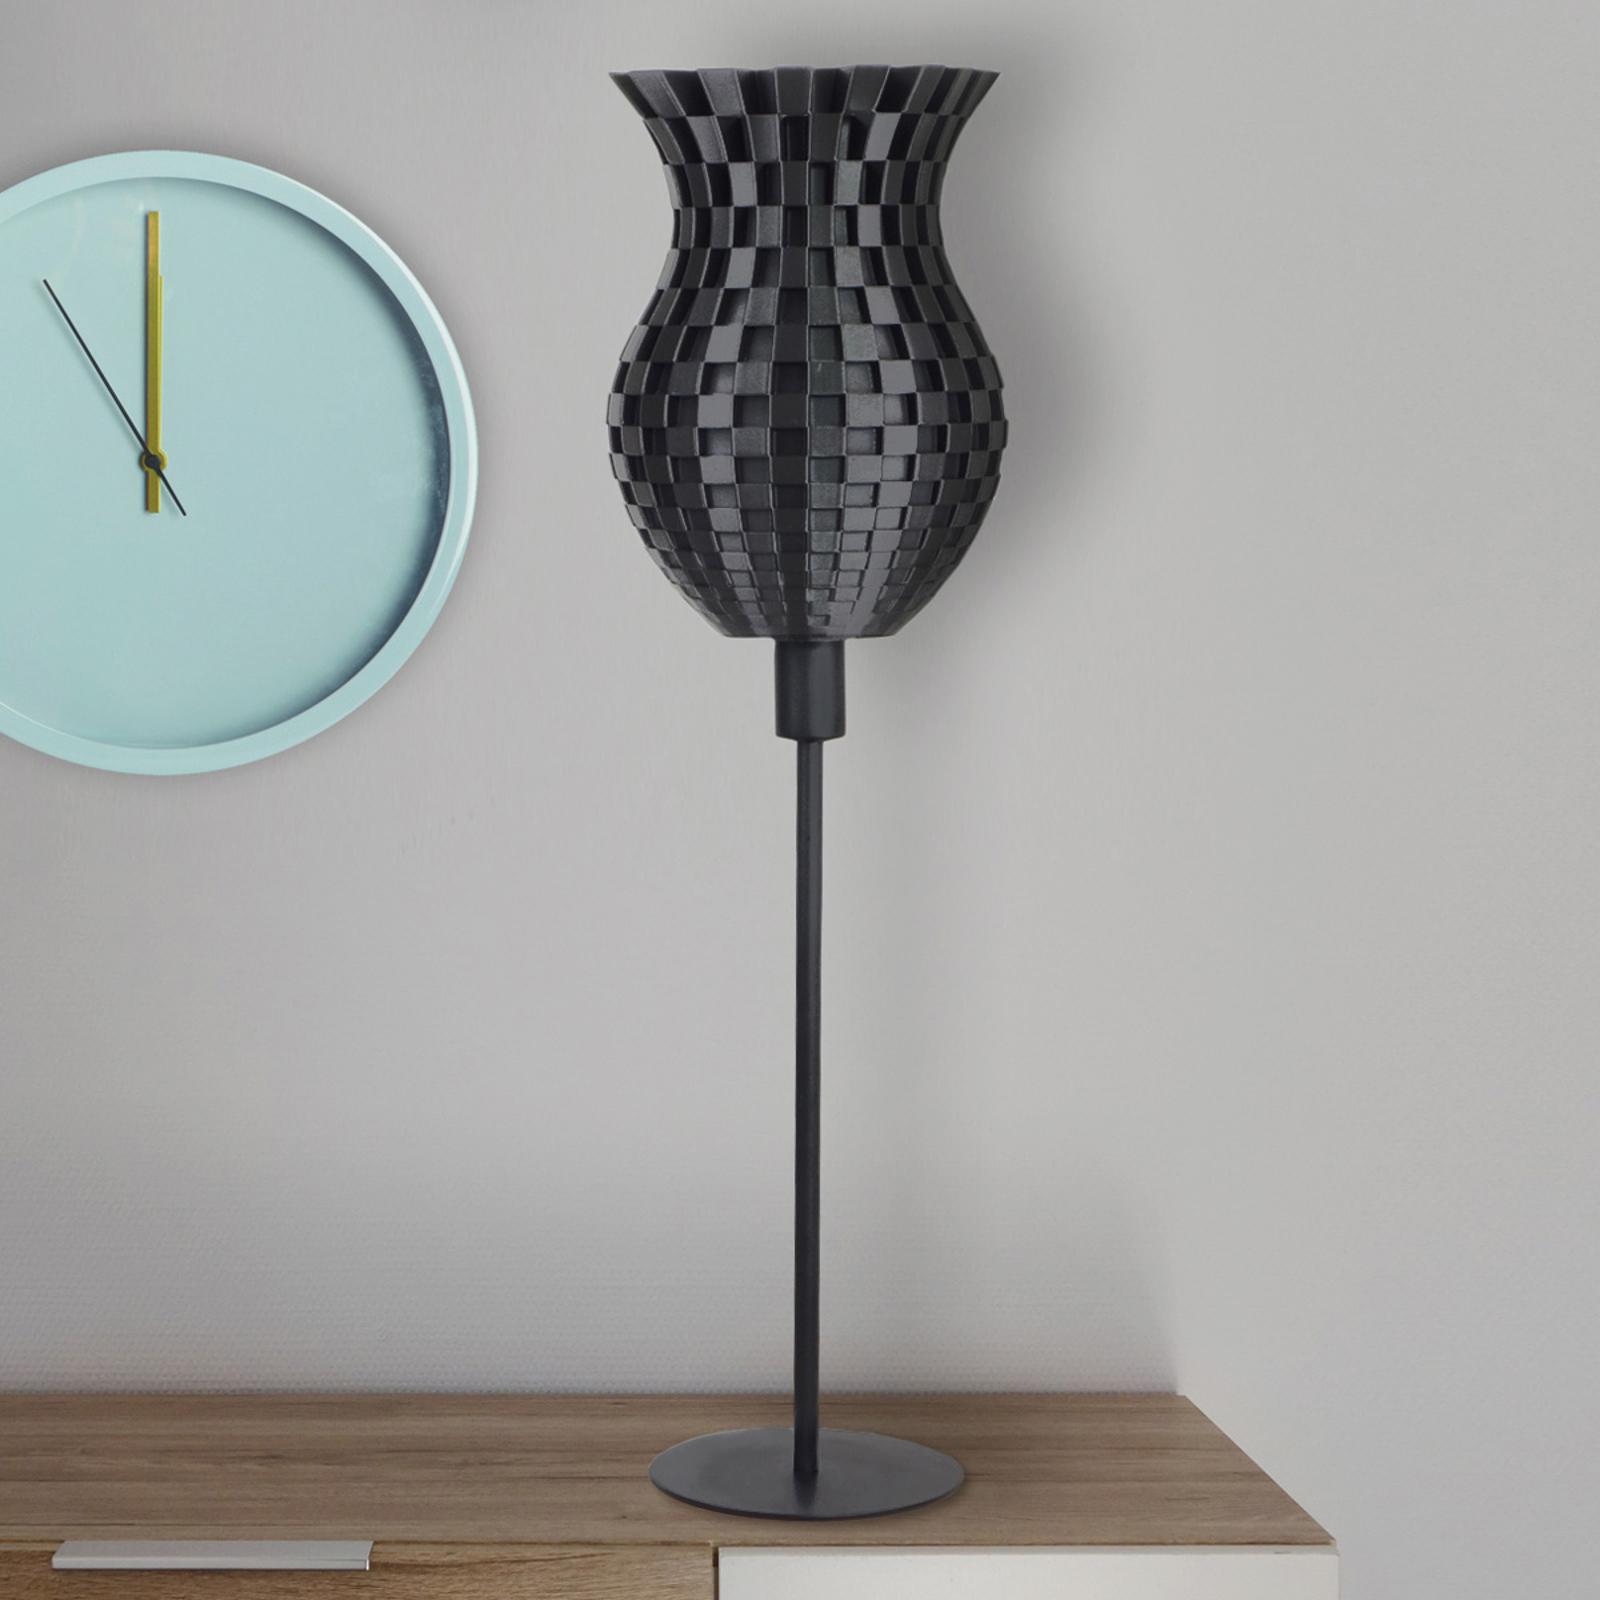 Tischleuchte Flechtwerk, 3D-Druck, graphit